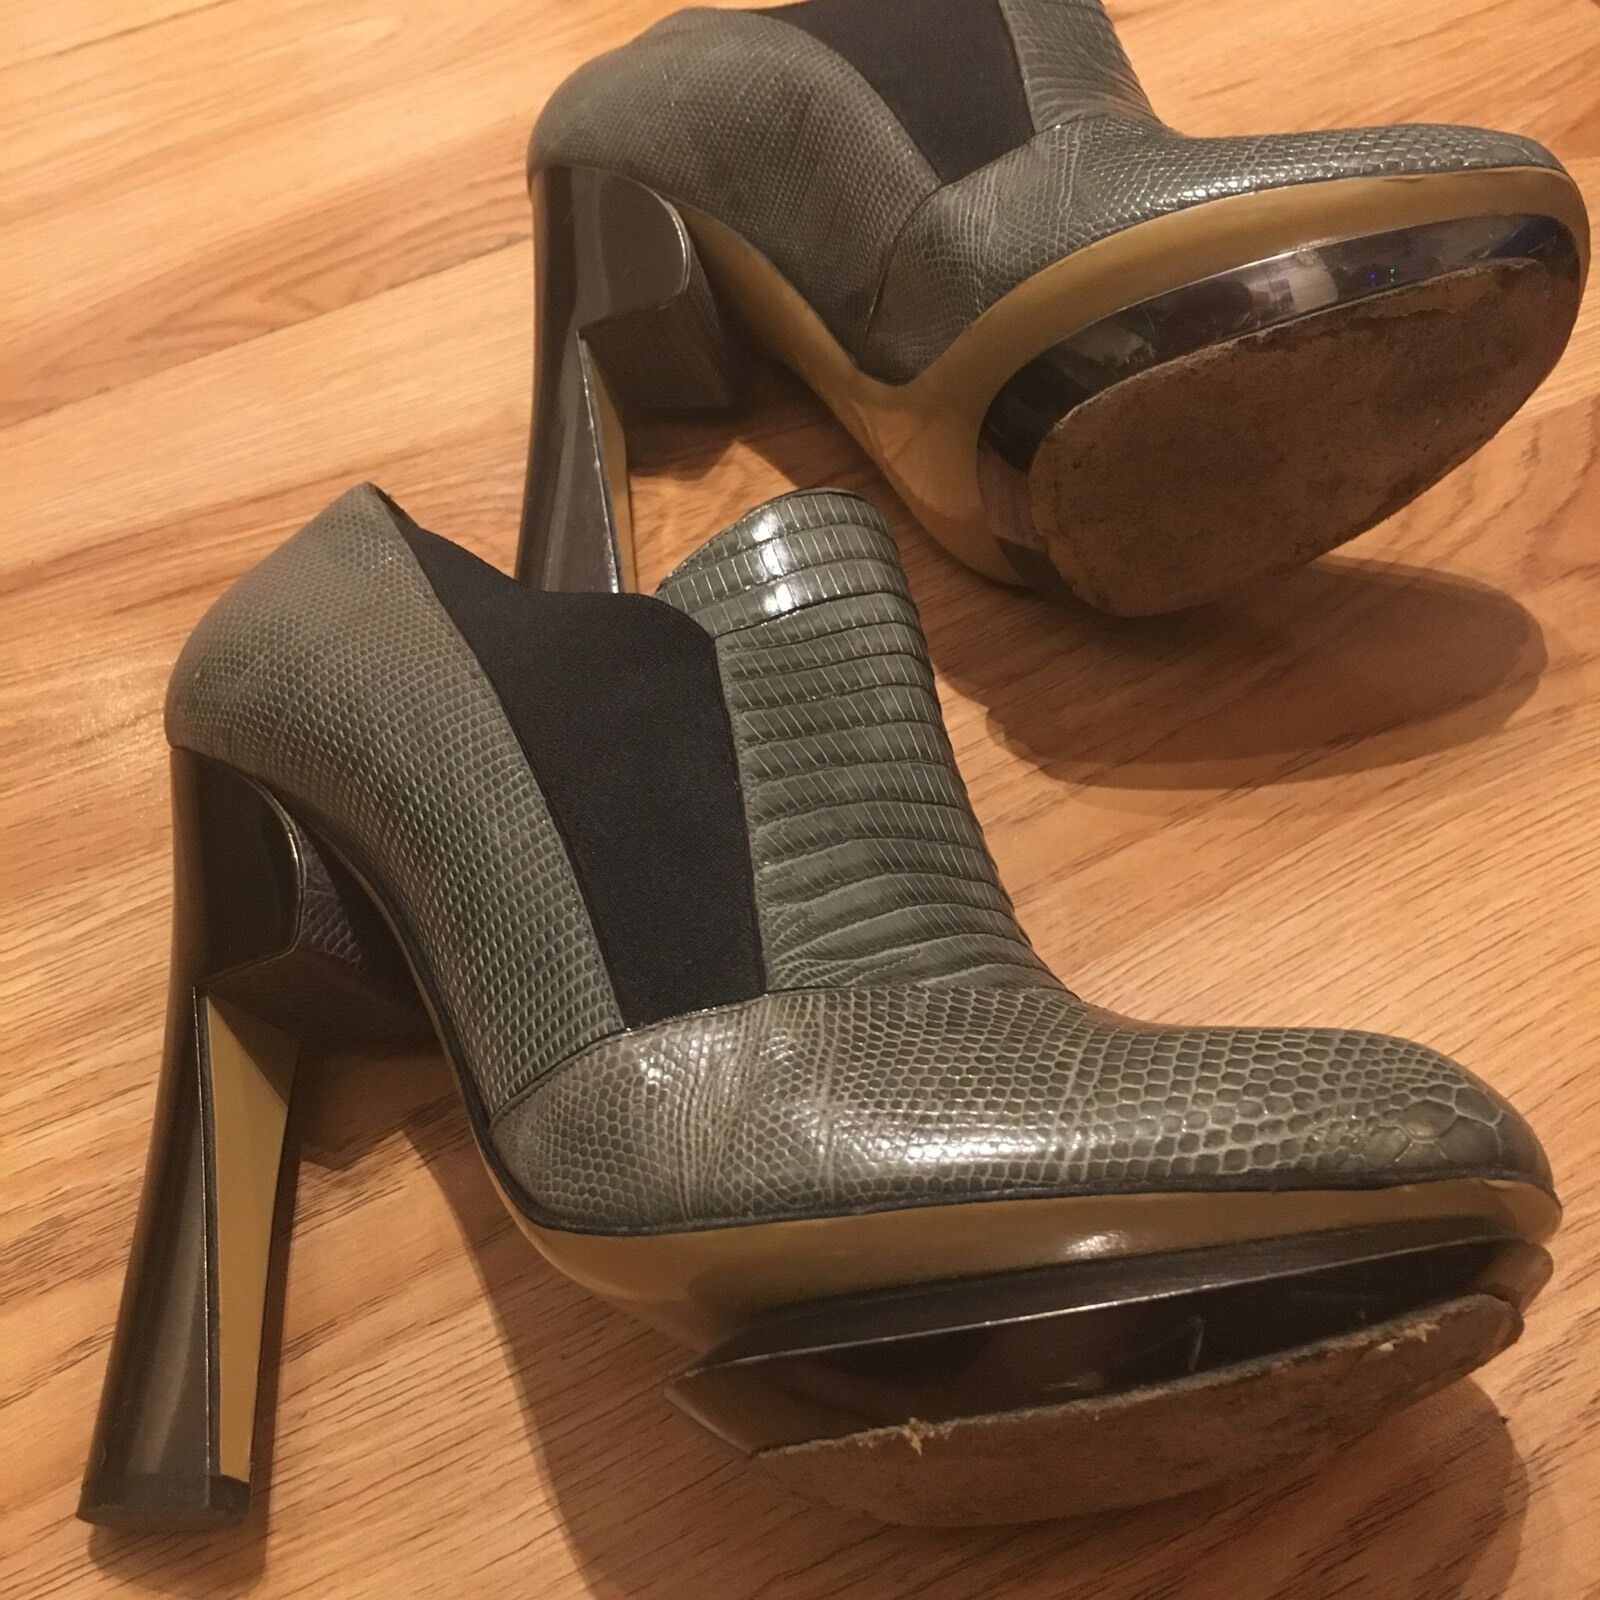 mesdames - gabor bottes - mesdames 92094 0b7e65